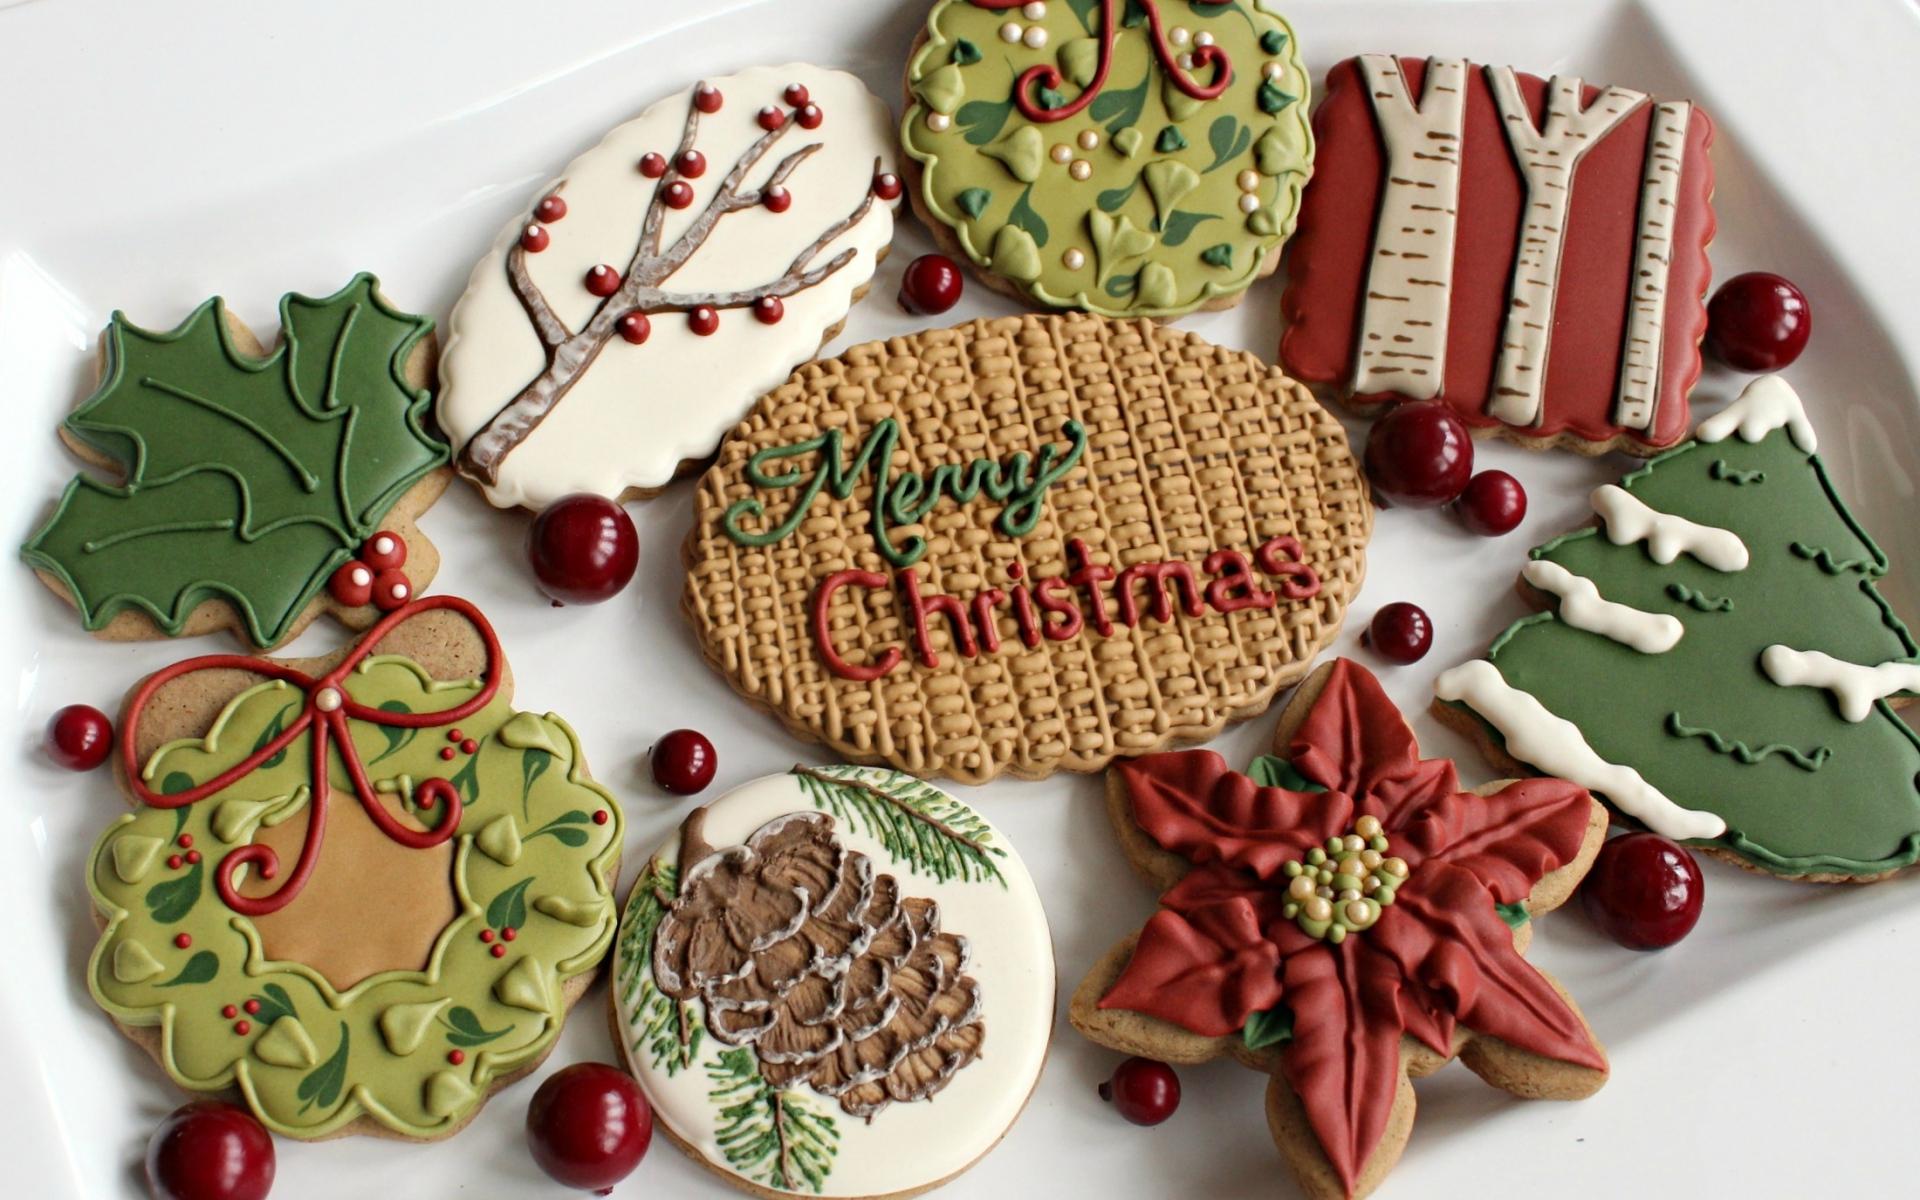 Картинки Праздник, печенье, сладости, угощения, новый год, настроение фото и обои на рабочий стол